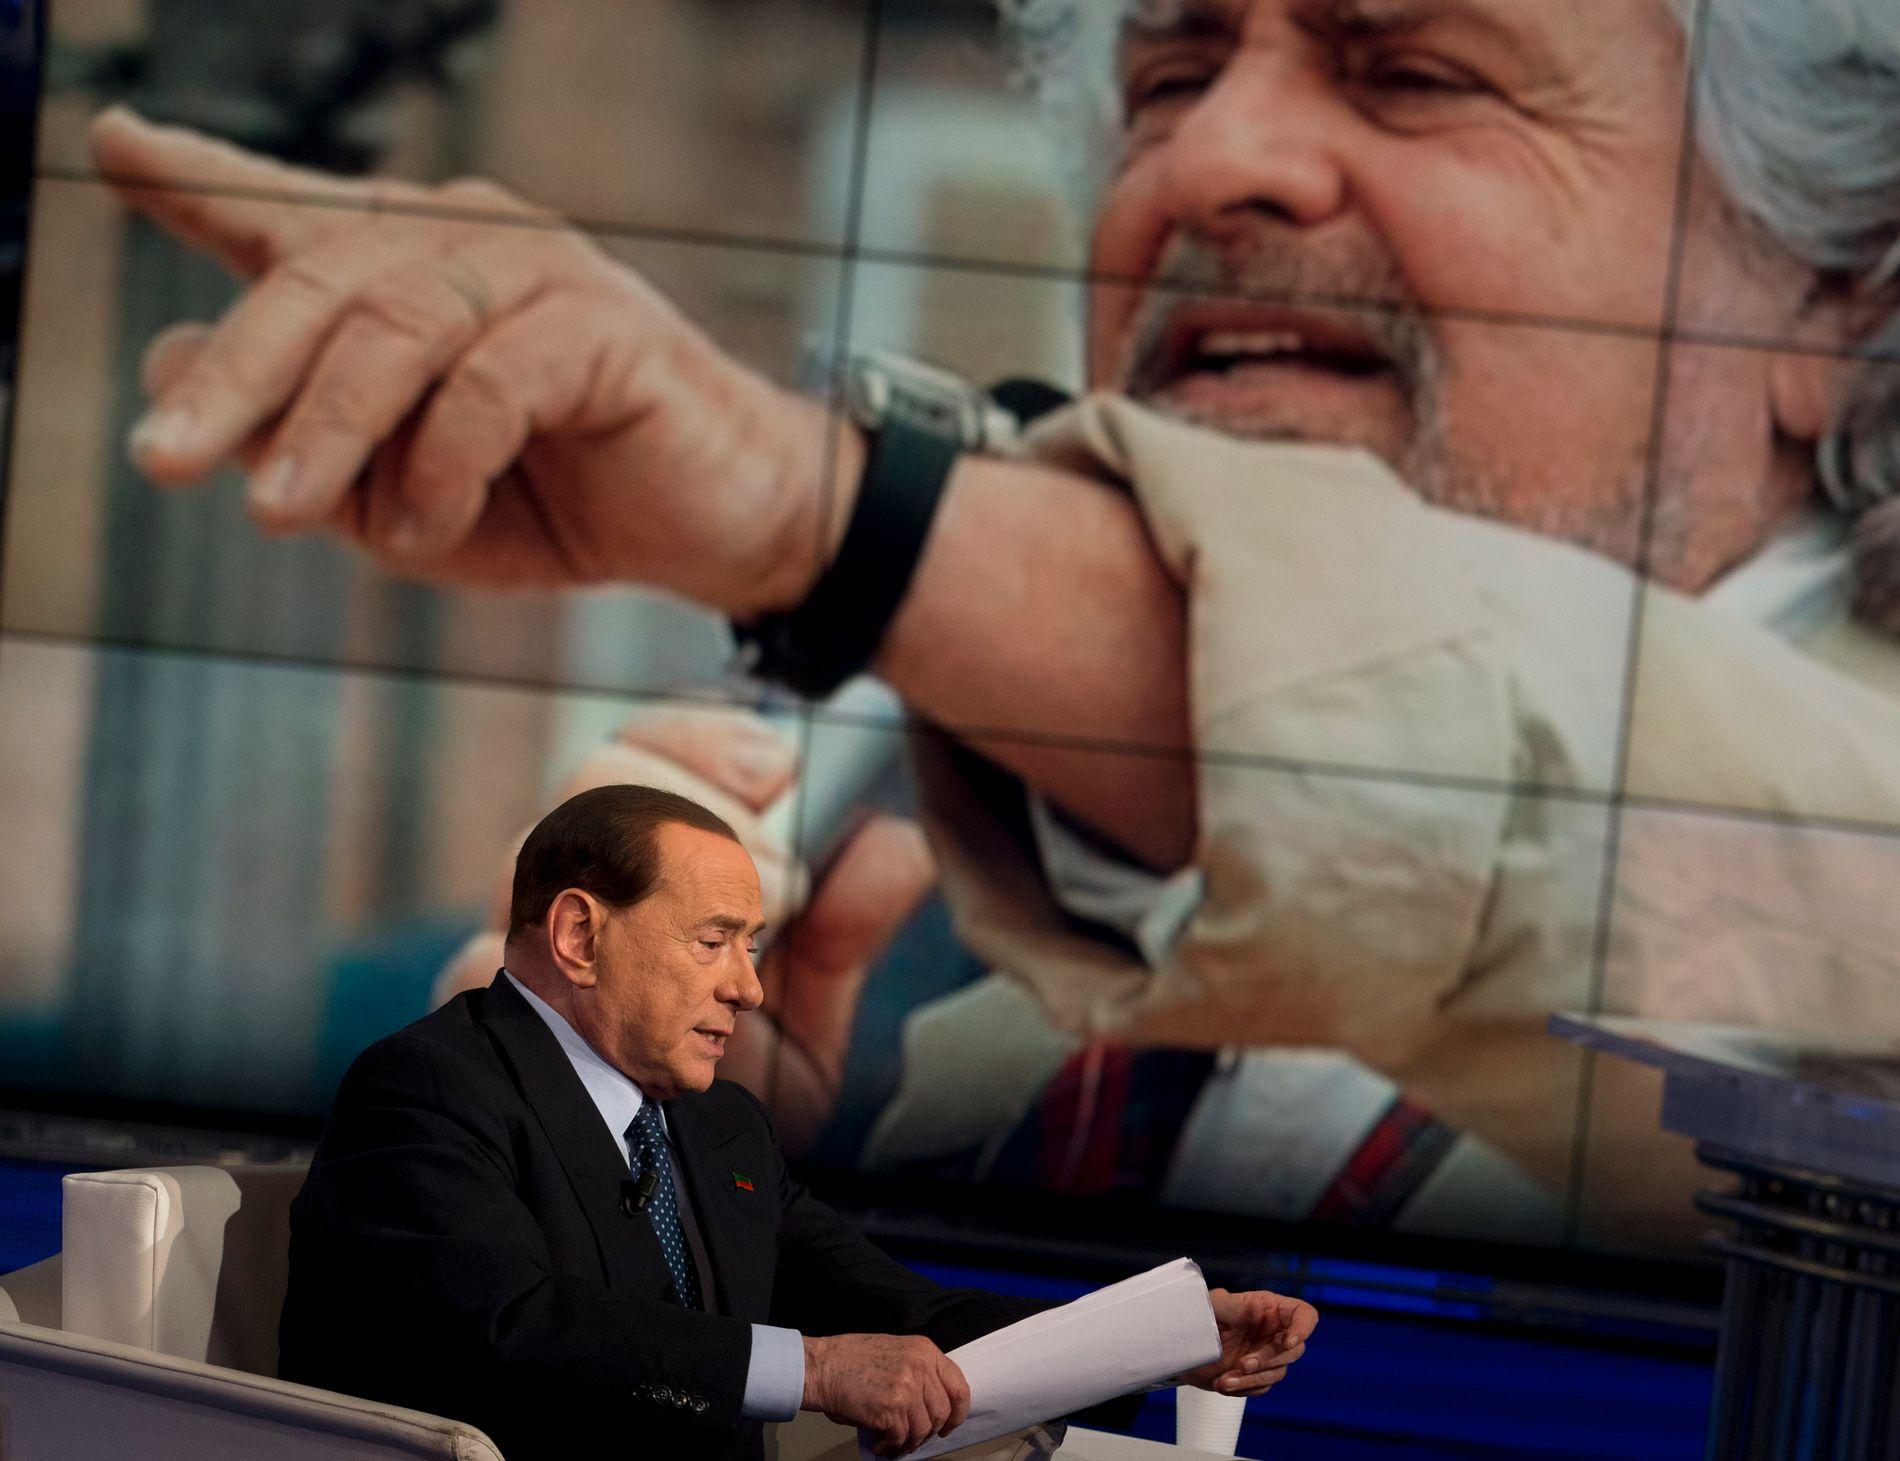 STEMMESANKERE: Silvio Berlusconi og Beppe Grillo er mektig populære i egne rekker. Men ingen av dem kan velges.